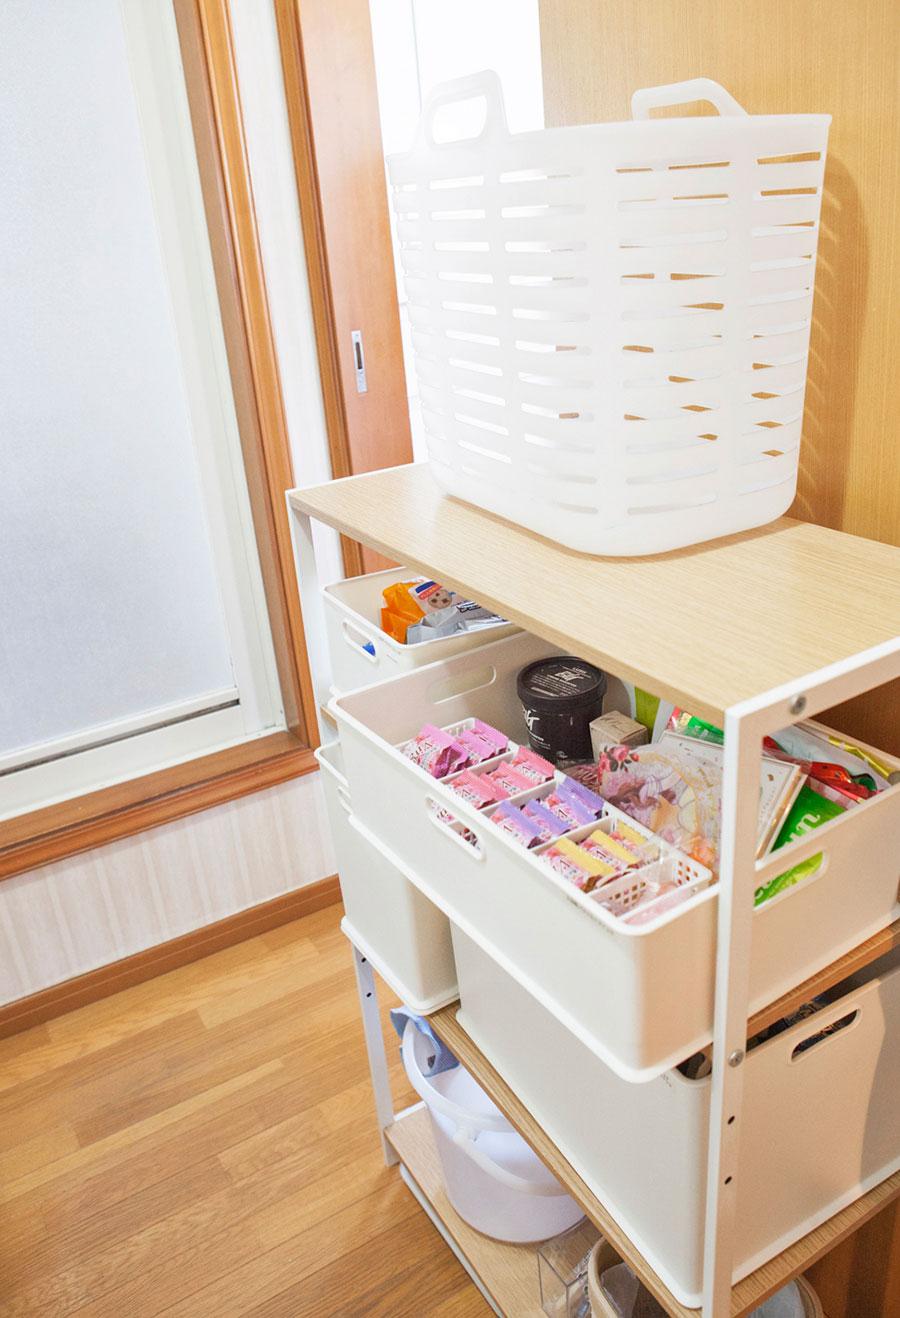 ニトリのラックを活用。白いボックスの面により、色々なグッズのカラーが隠され、すっきり。入浴剤もパッケージから出して個包装に。